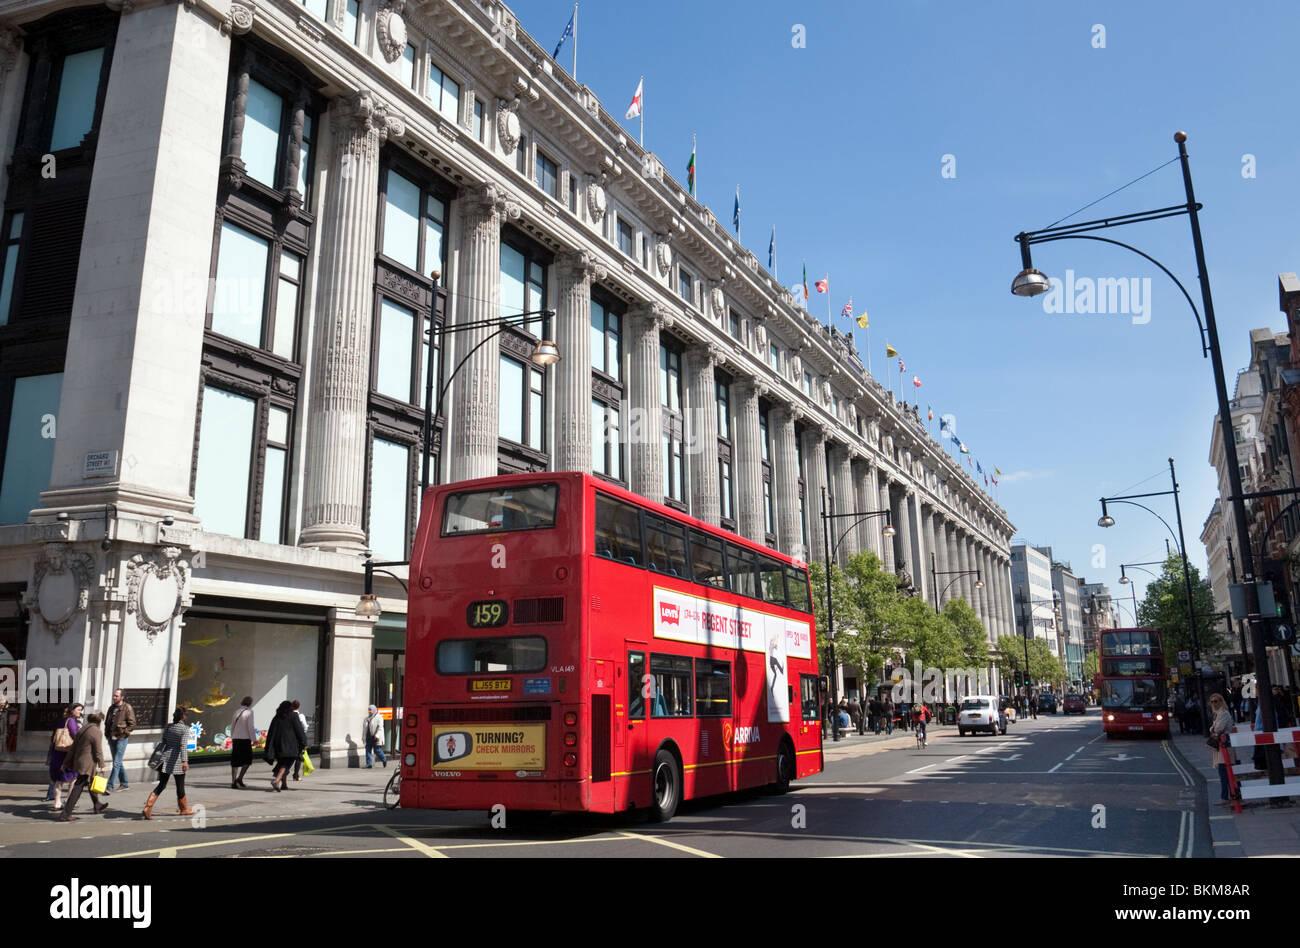 Busse außerhalb Selfridges an einem sonnigen Tag im Sommer, Oxford Street, London, Großbritannien Stockfoto